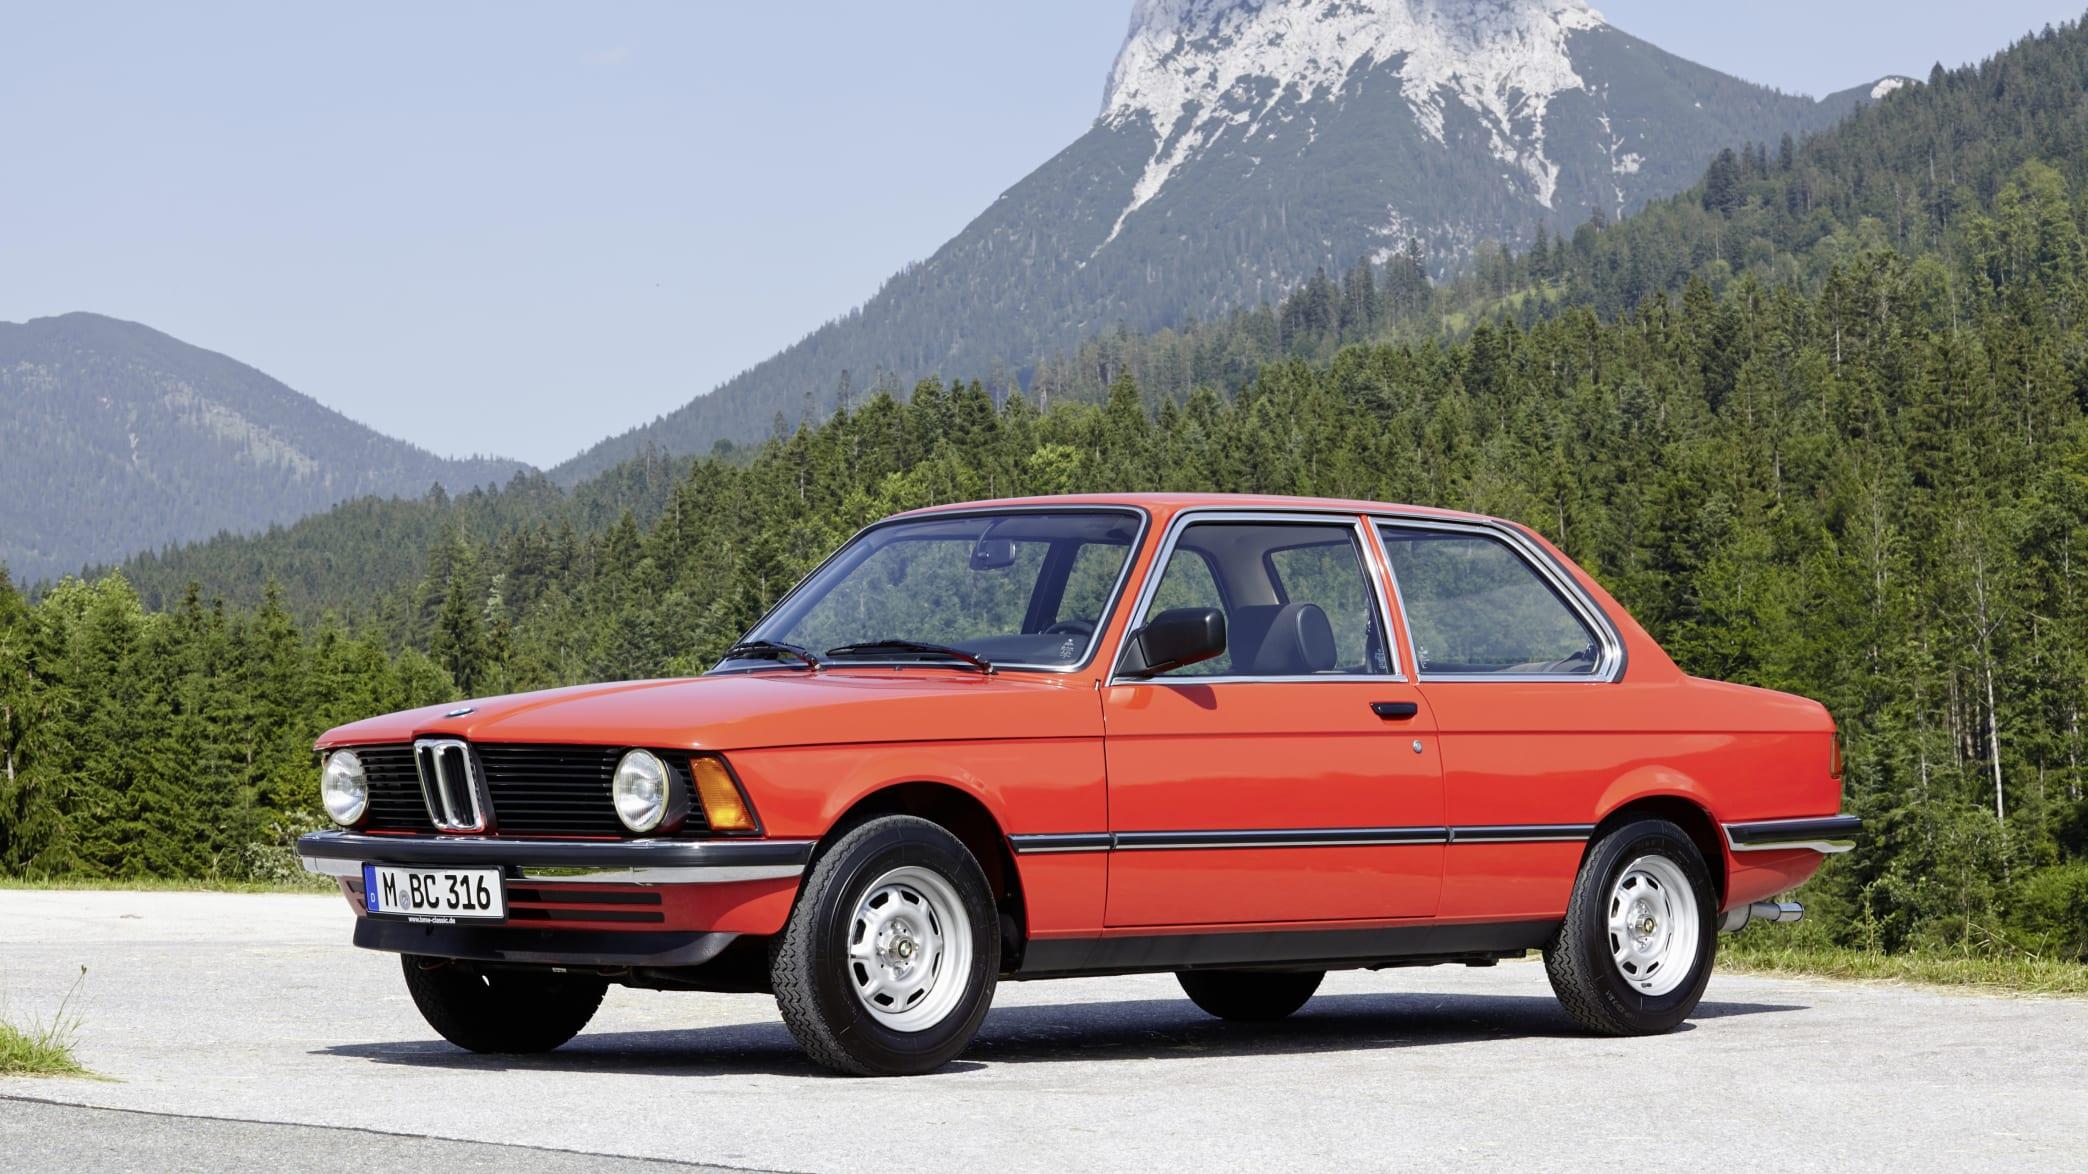 Roter 3er BMW-Oldtimer vom Modell E21